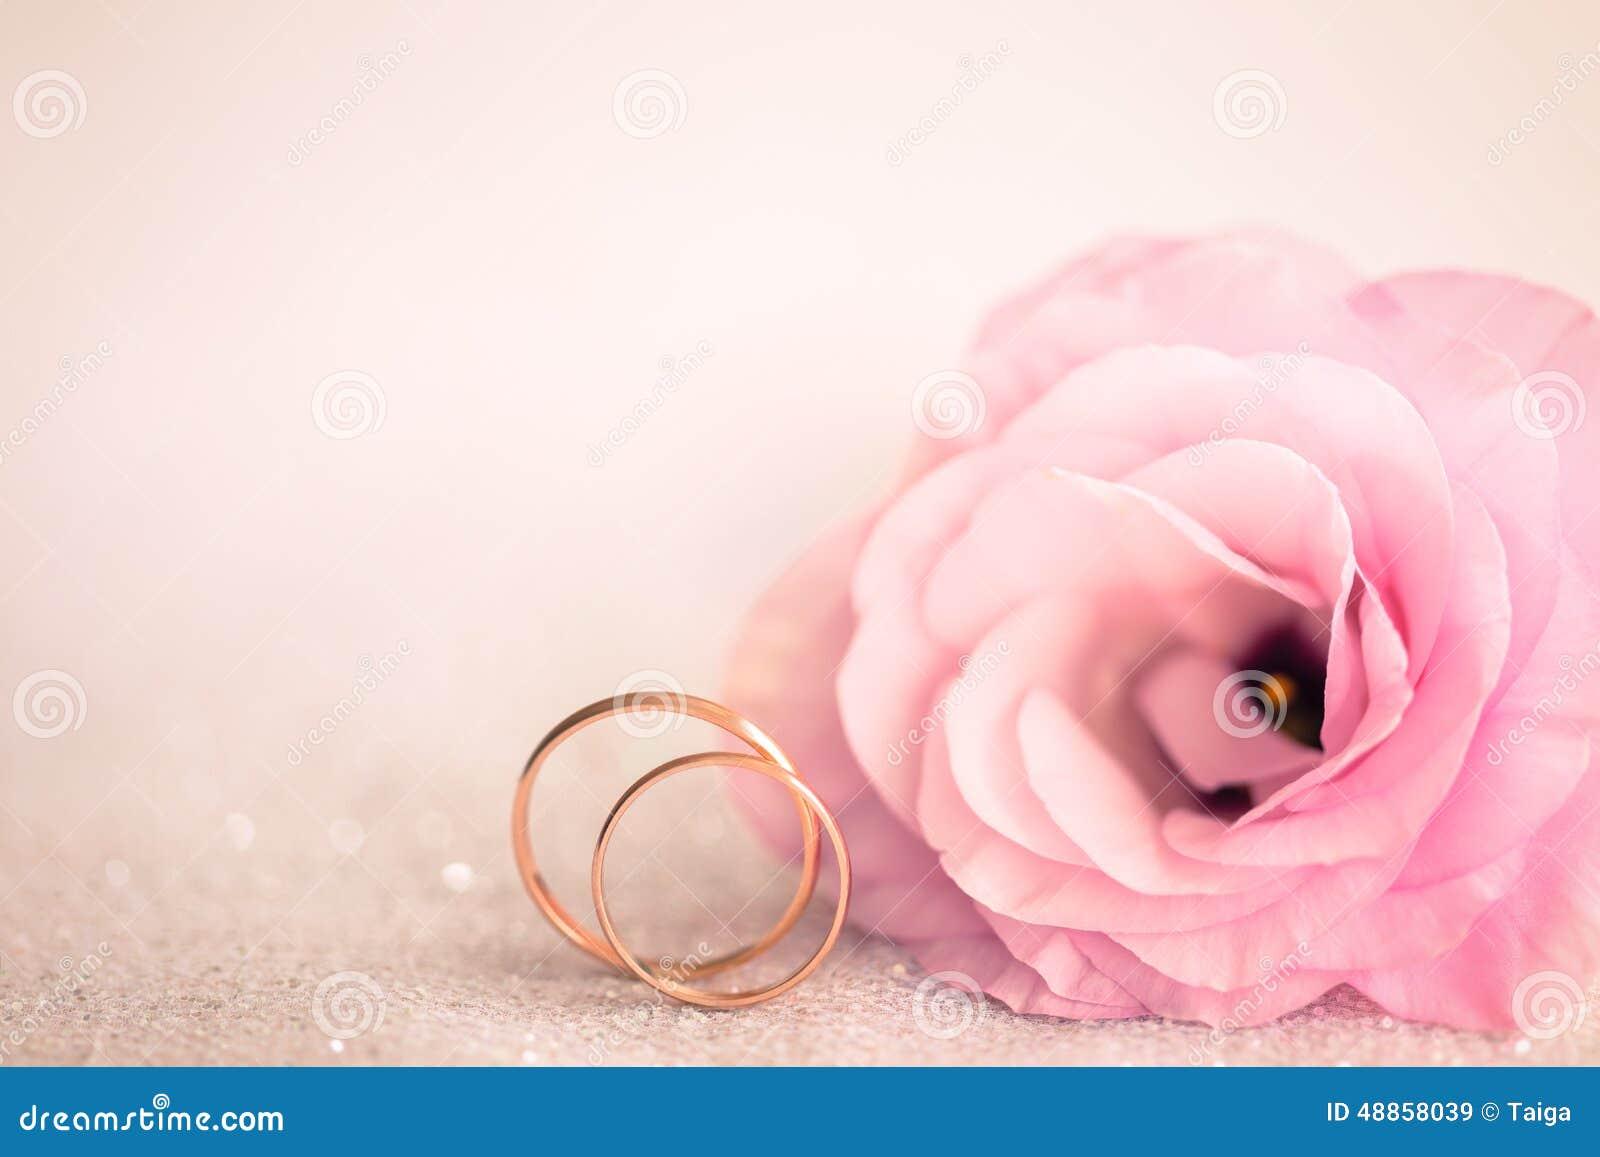 Light Pink Wedding Ring